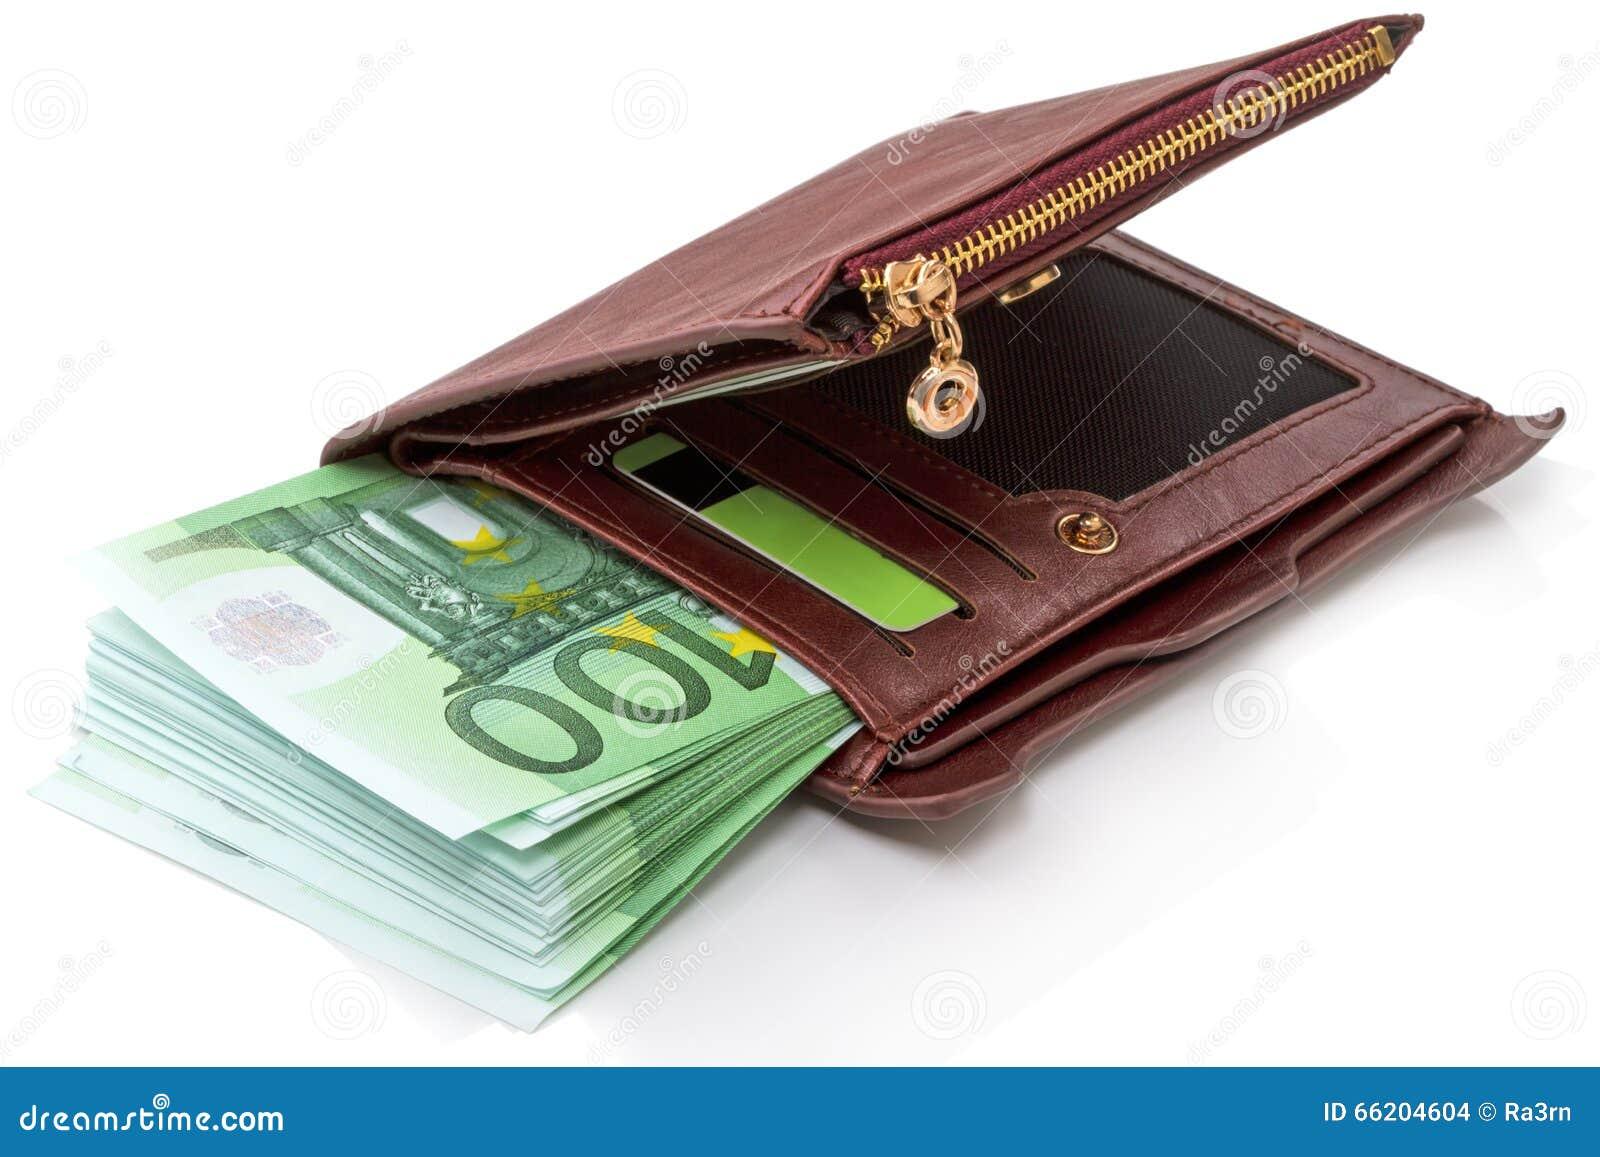 venta minorista imágenes detalladas promoción especial Montón De Cientos Euros En Billetes De Banco En Una Cartera ...